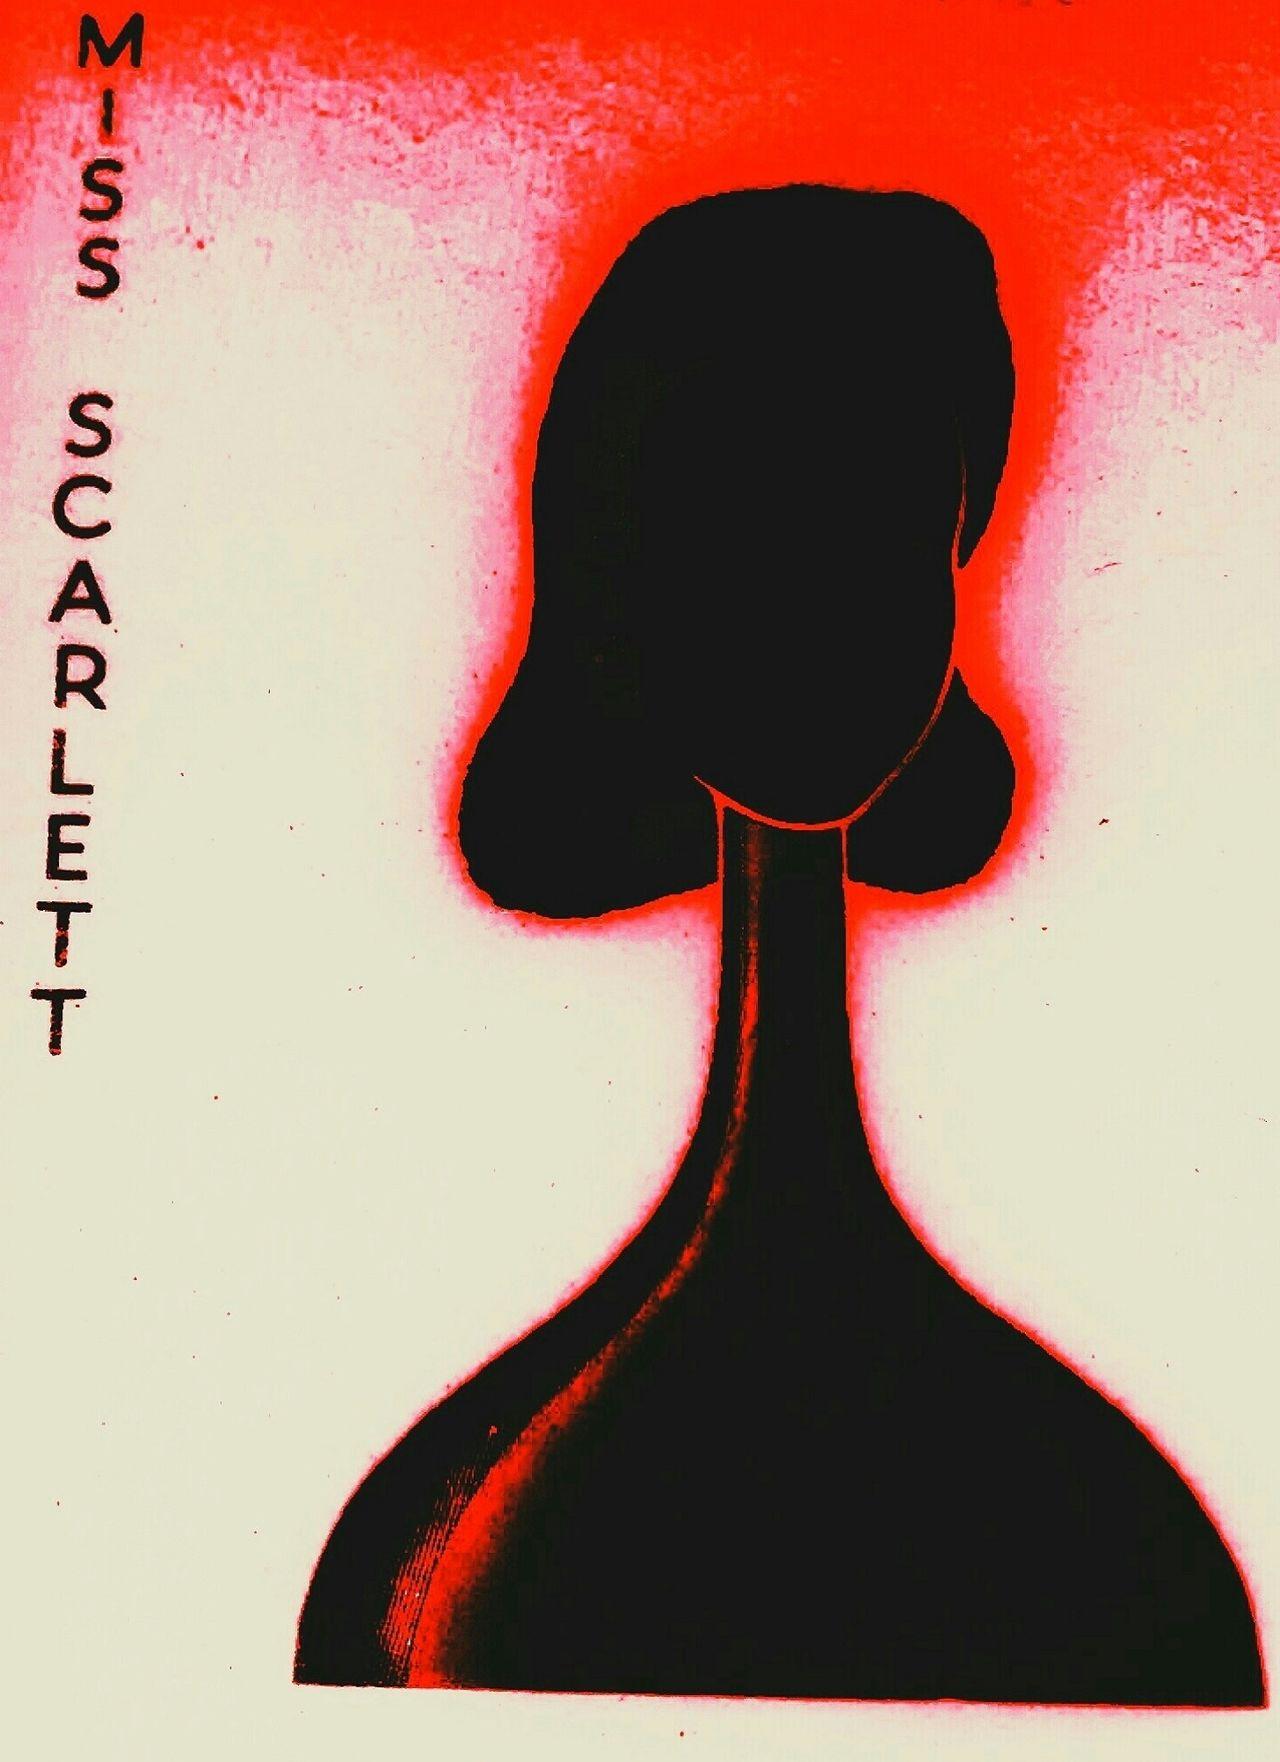 Scarlett Missscarlett Femmefatale Noir Clue Cluedo